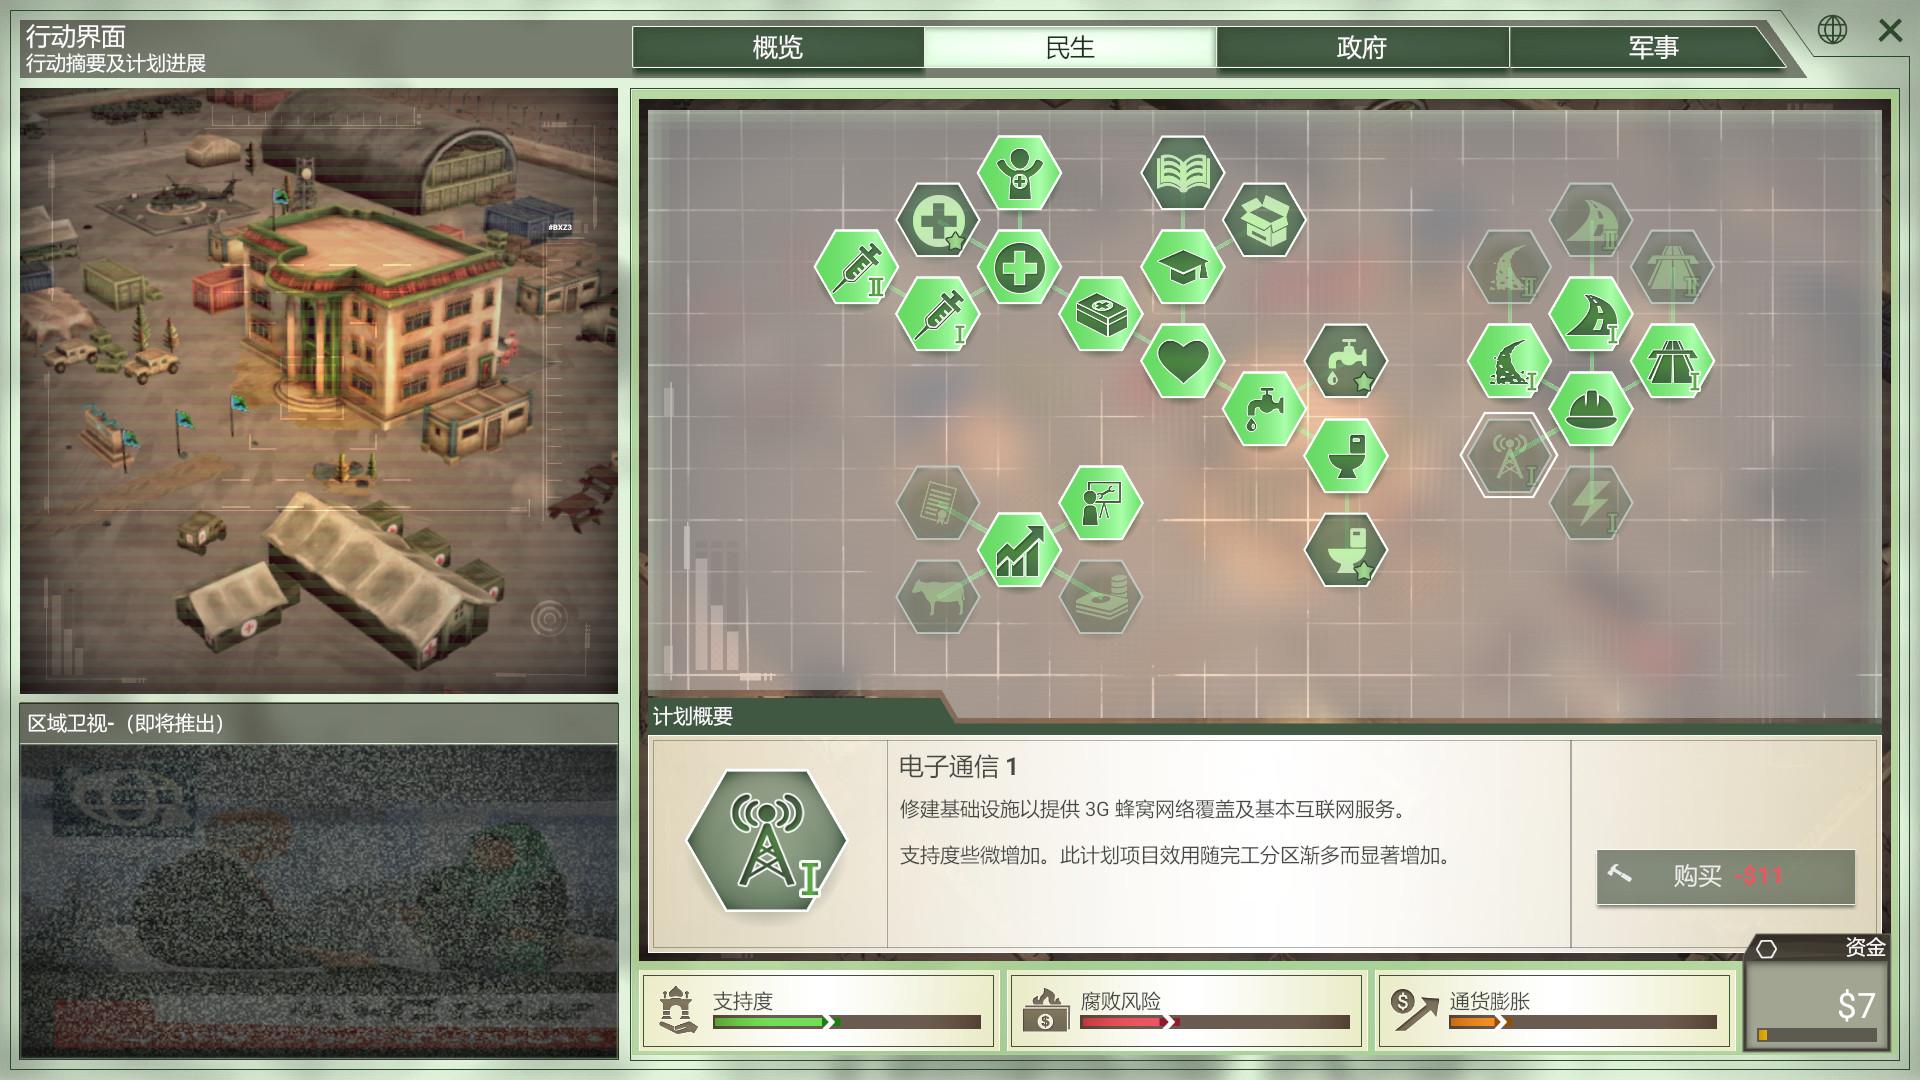 反叛公司:局势升级 v0.7.6.2|策略模拟|容量1.2GB|中文免安装|支持键盘.鼠标-开心电玩屋